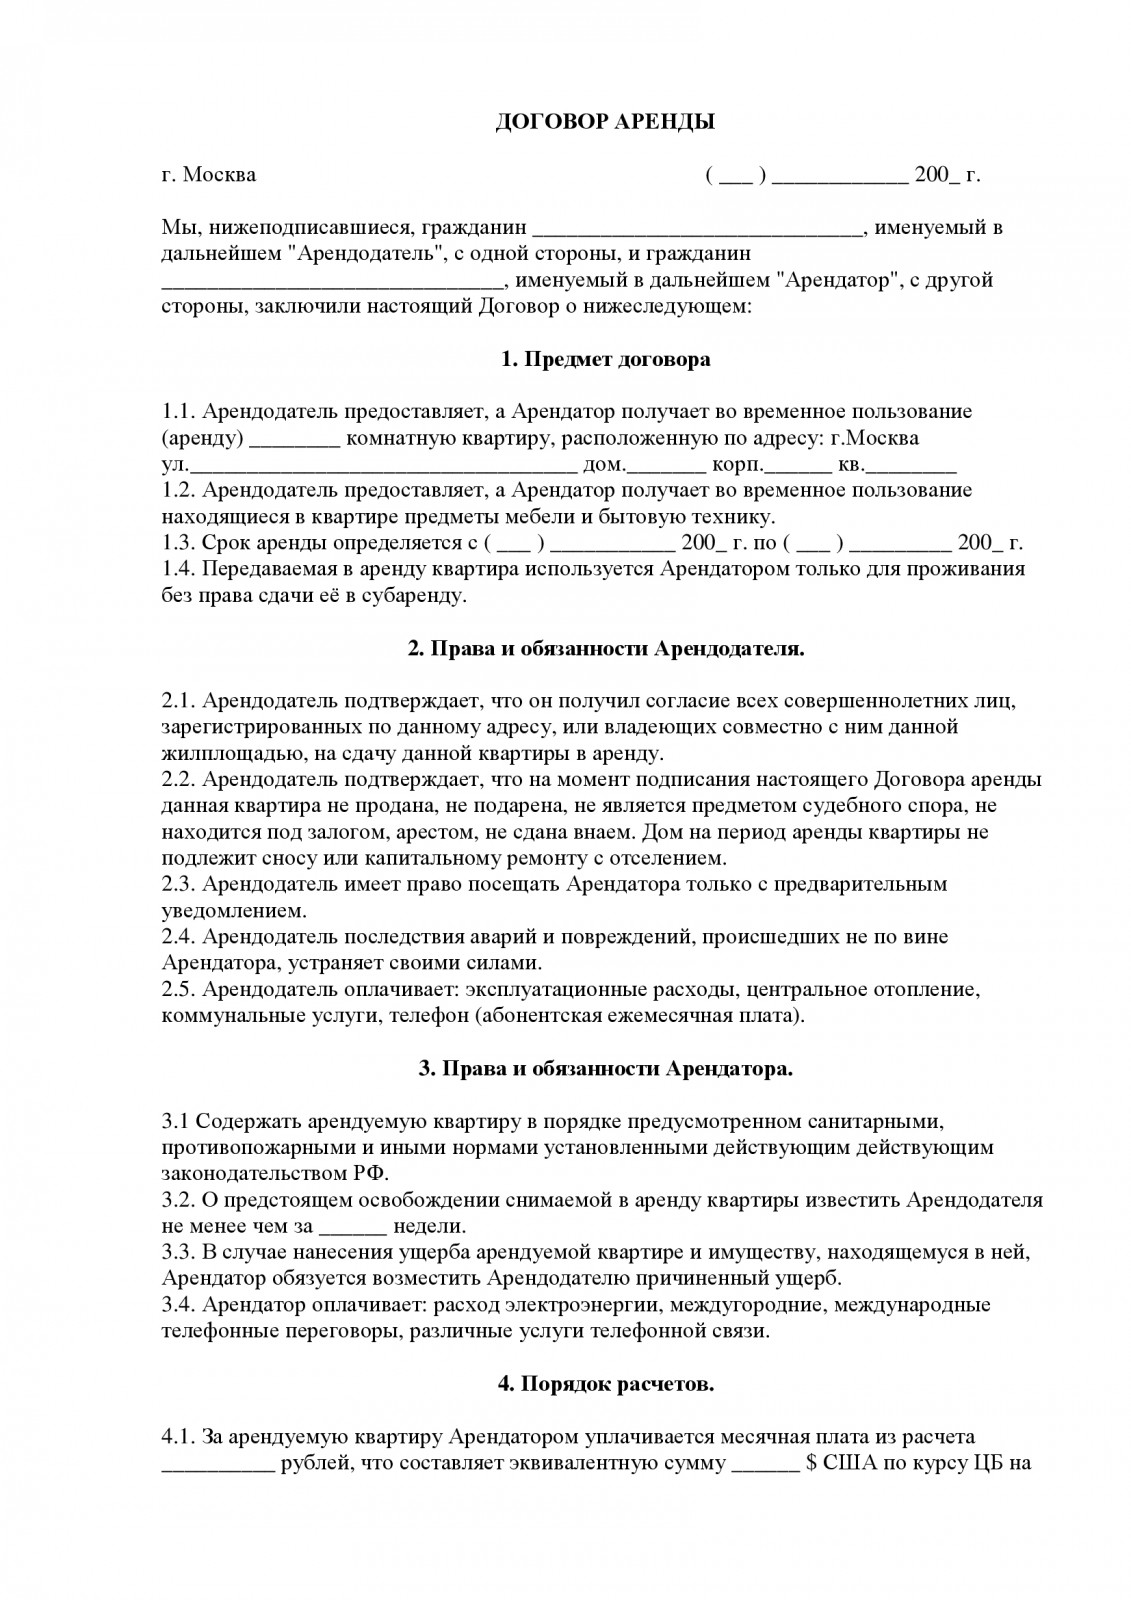 перевод договора аренды